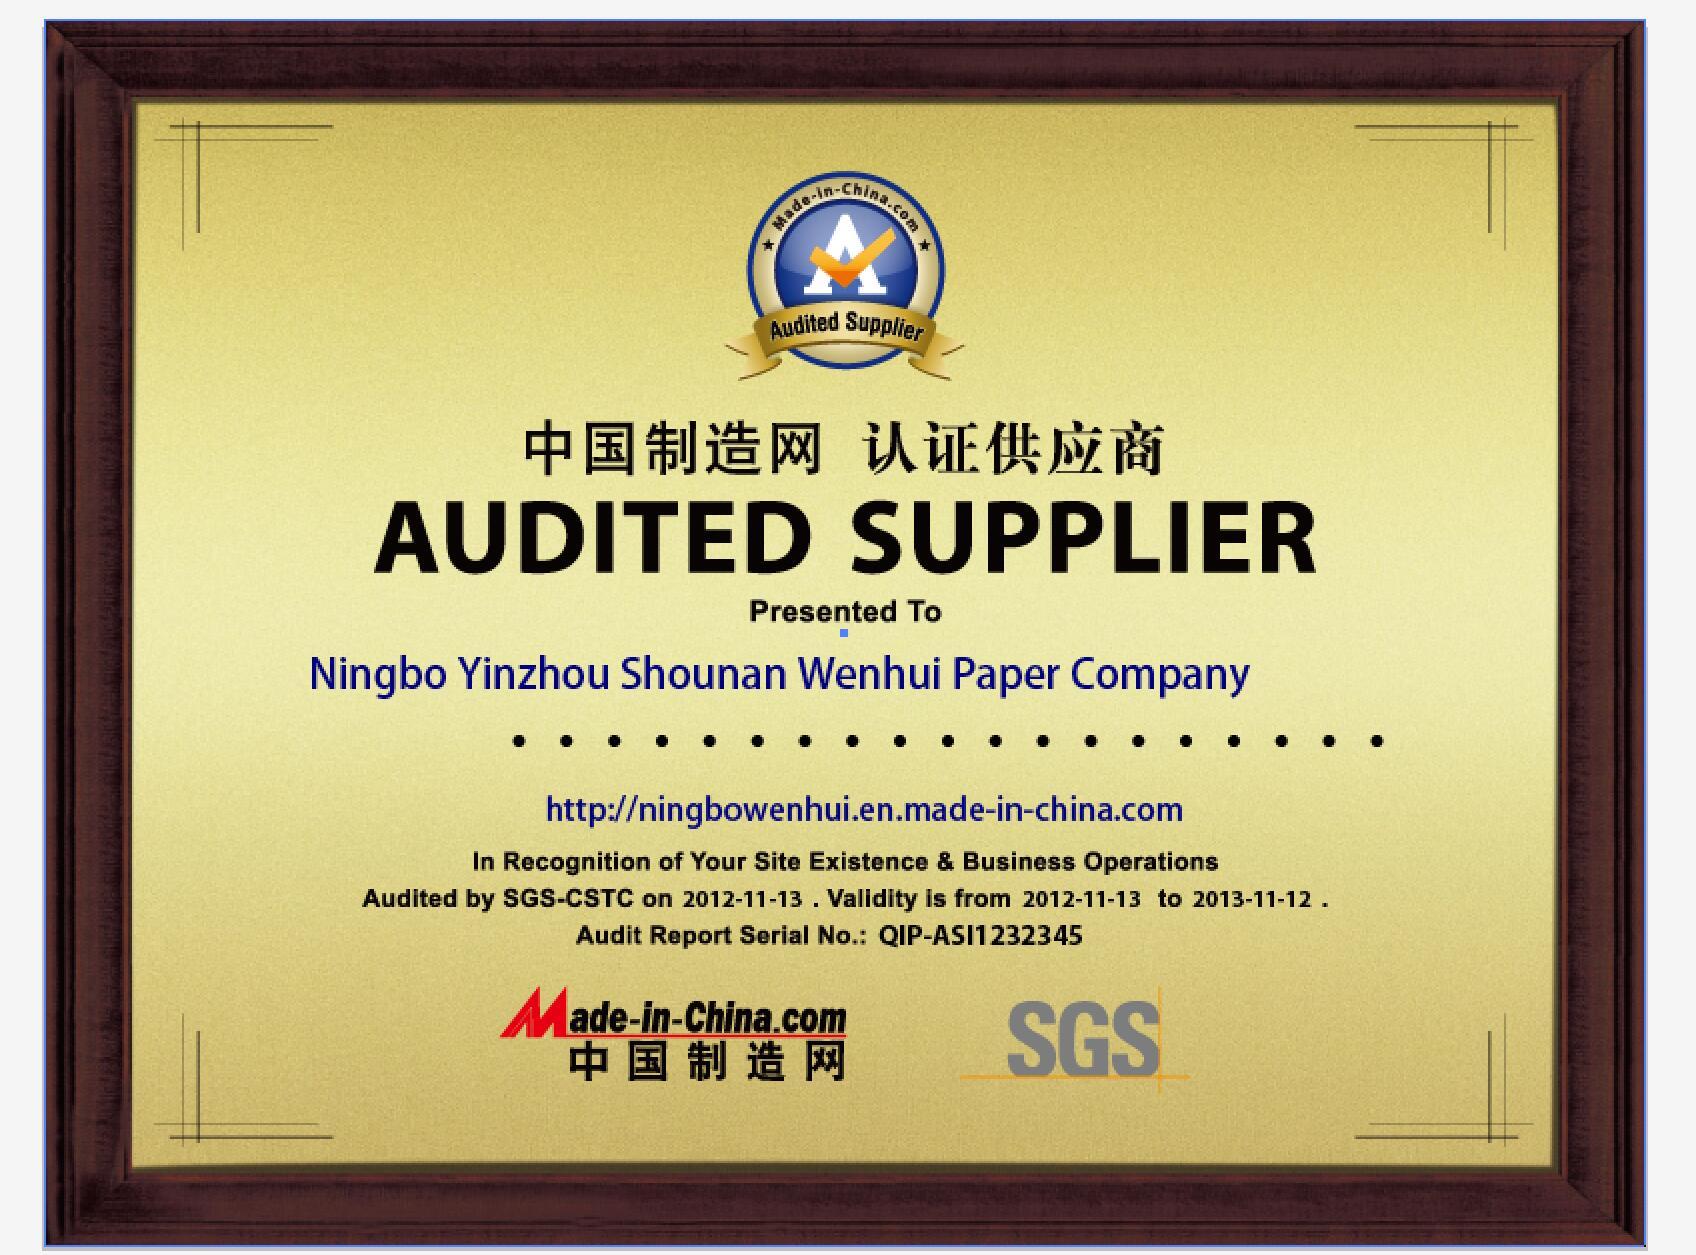 SGS CERTIFICATE,FSC, BSIC, ISO9001, ISO14001,